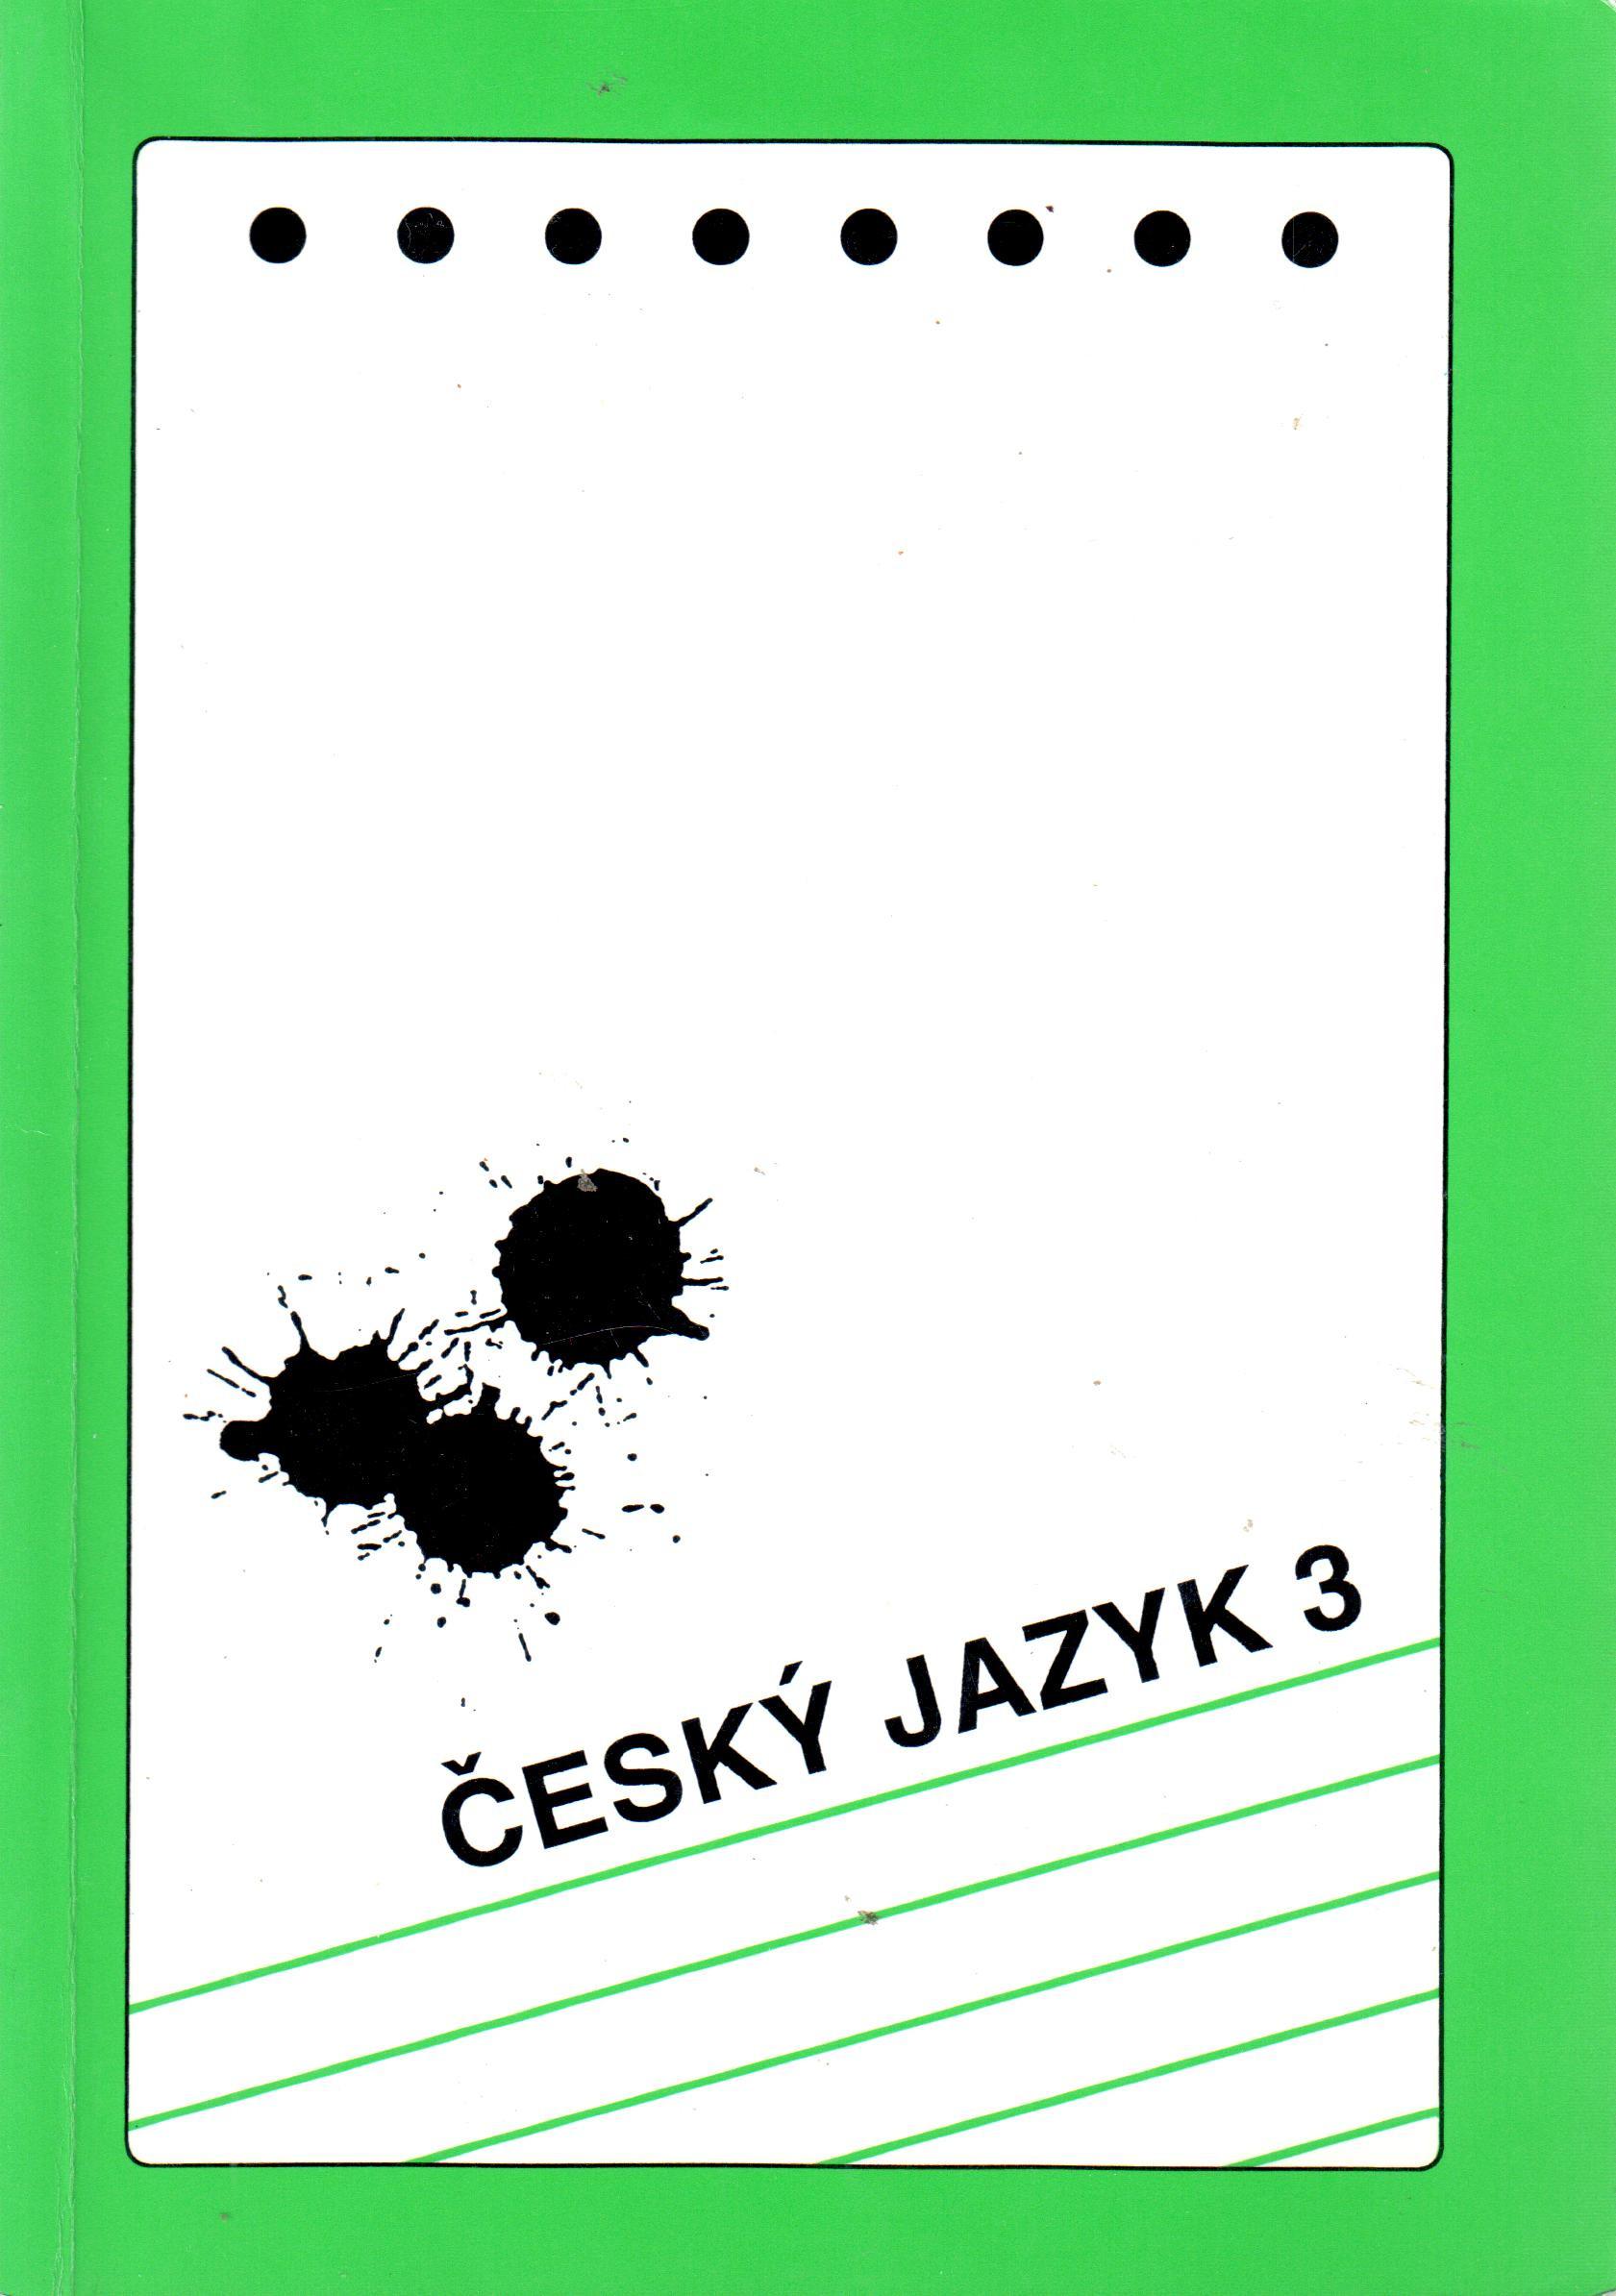 Český jazyk 3 pro 3. ročník středních škol - Náhled učebnice